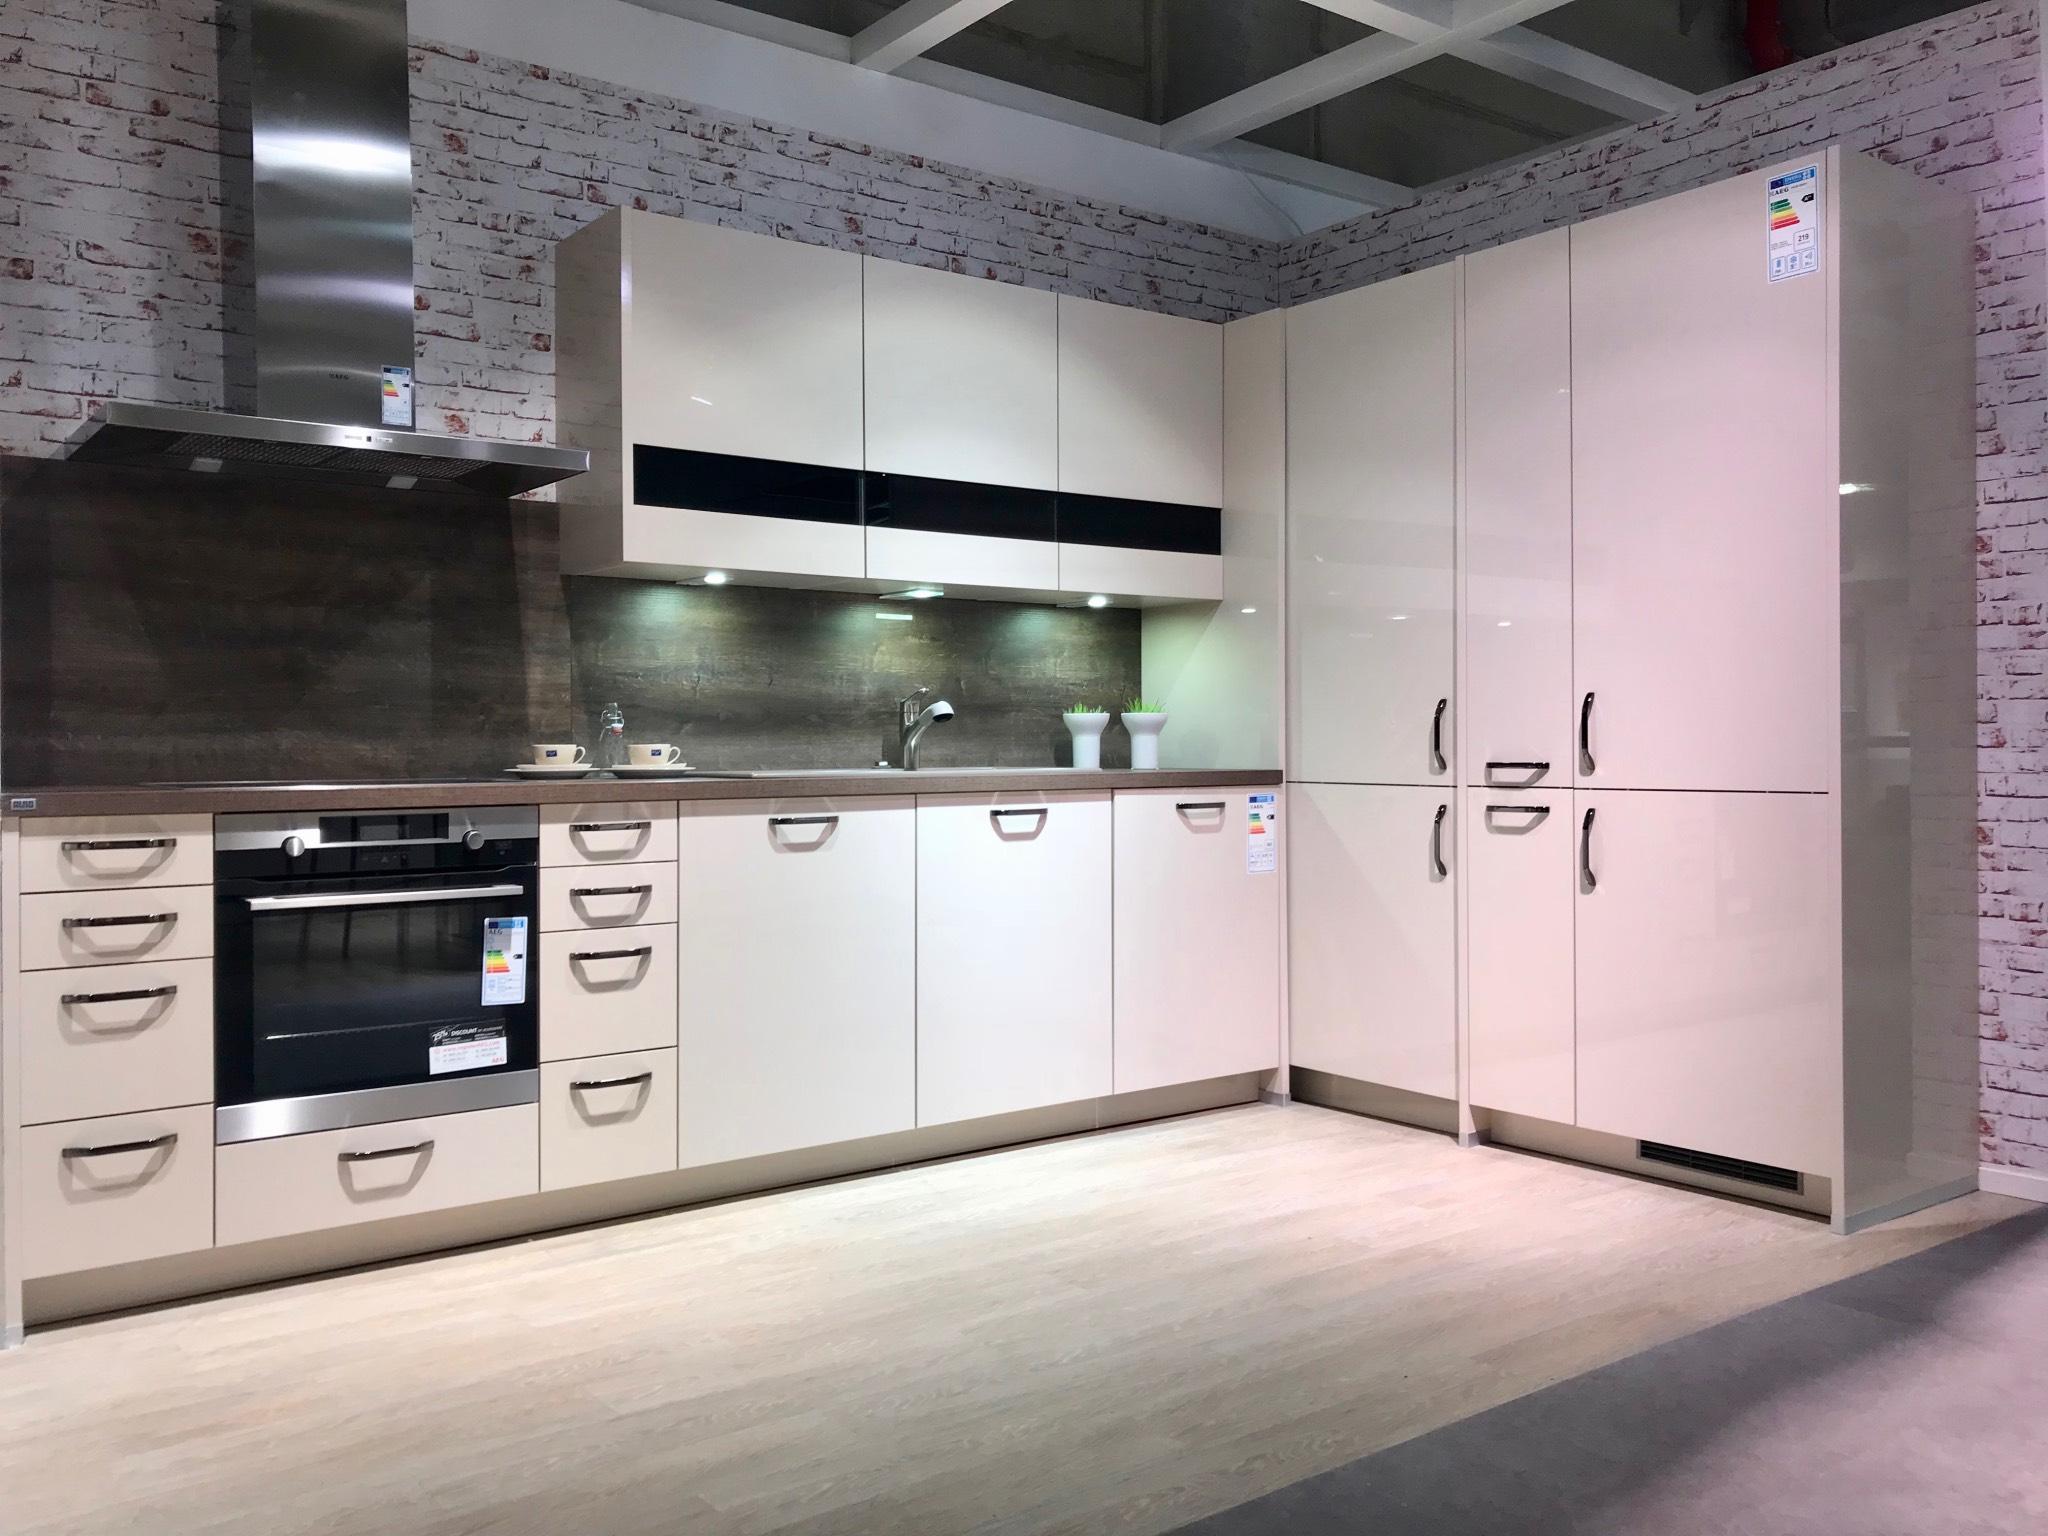 Schnäppchen bei MEDA Gute Küchen: Musterküchenabverkauf - Würzburg